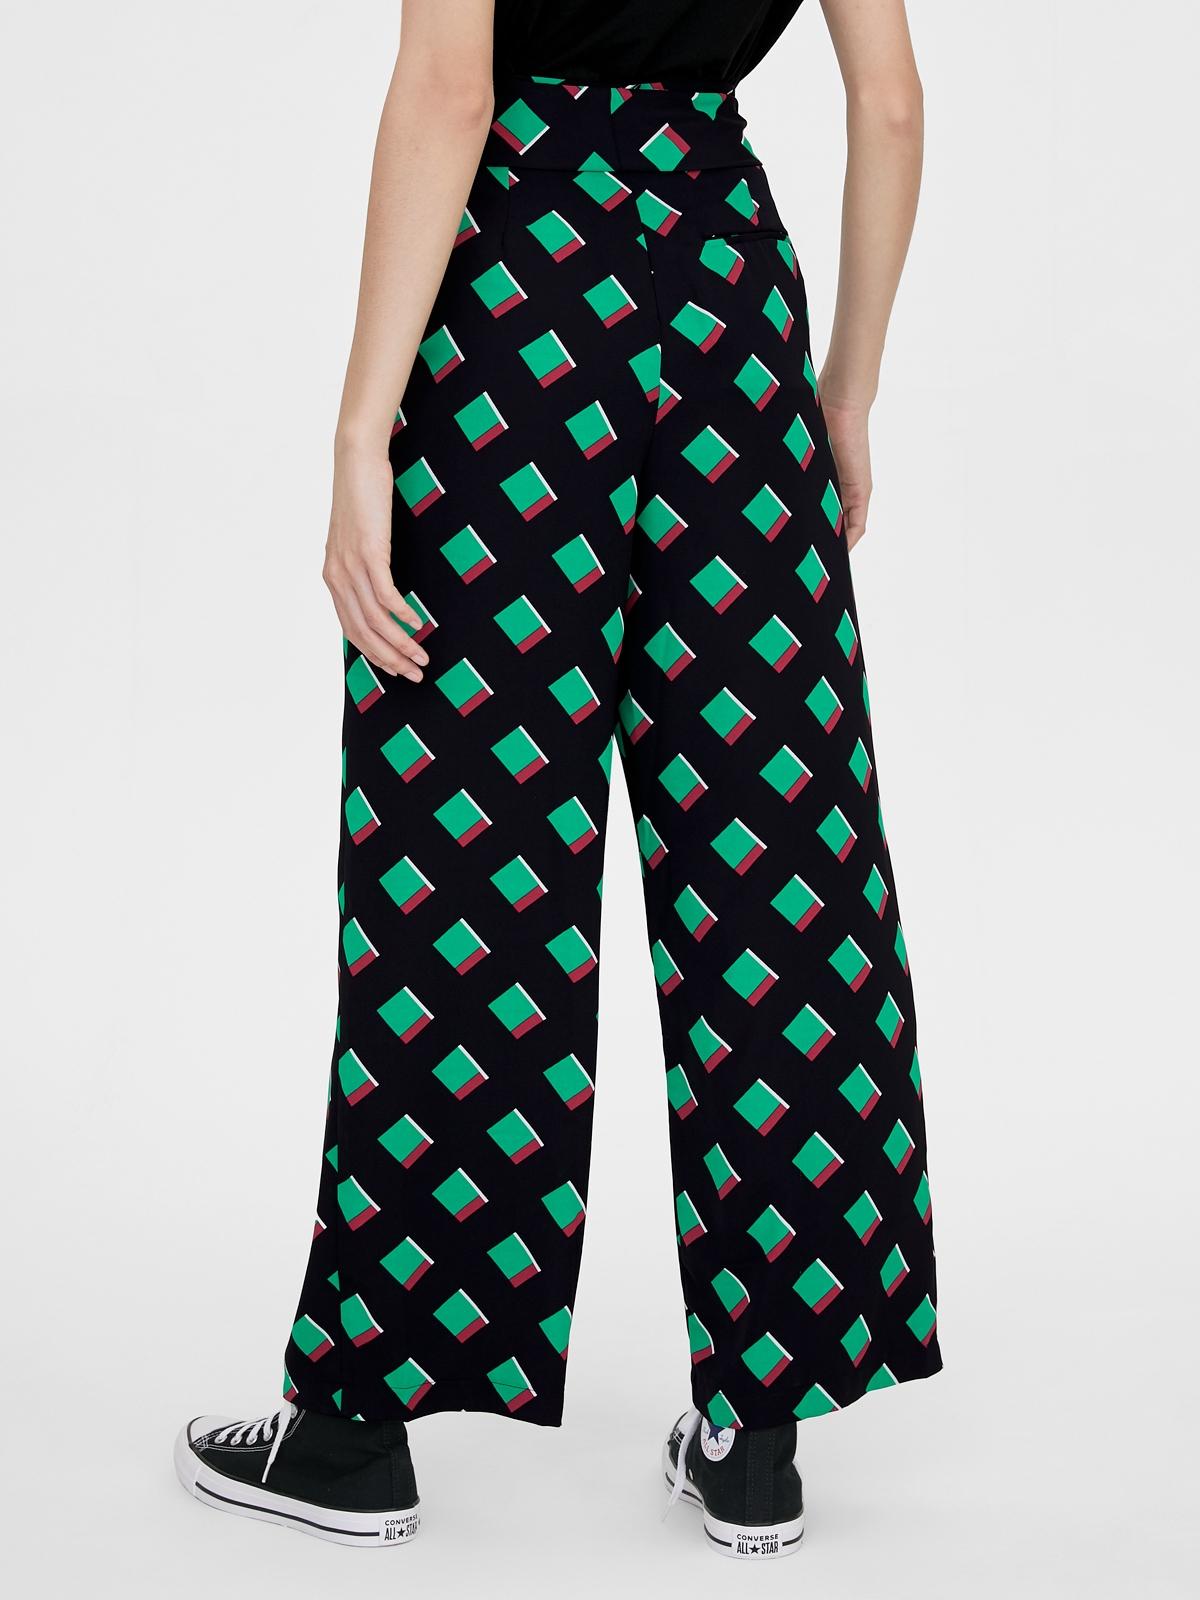 Matter Makers Geometric Printed Pants Black